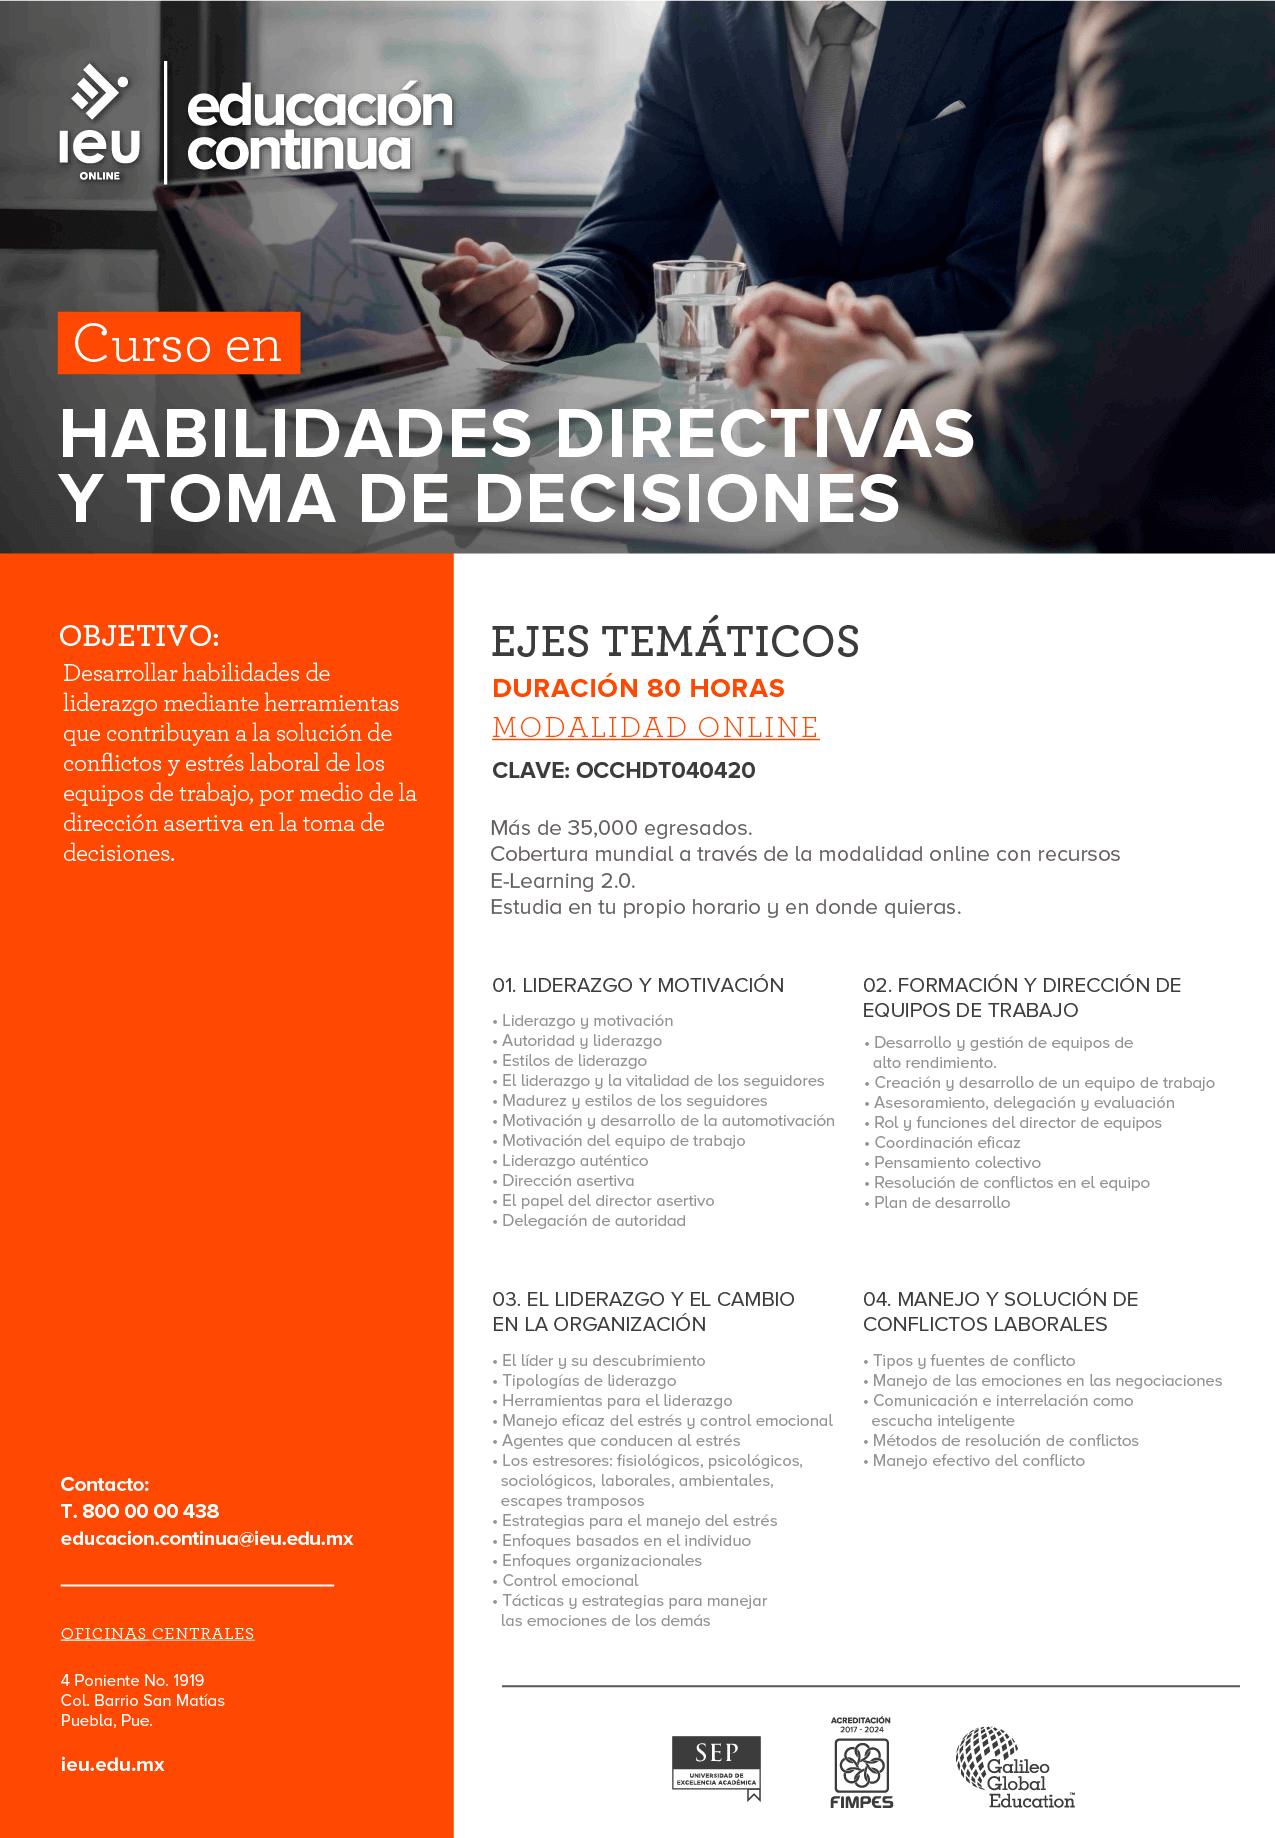 Habilidades directivas y toma de decisiones